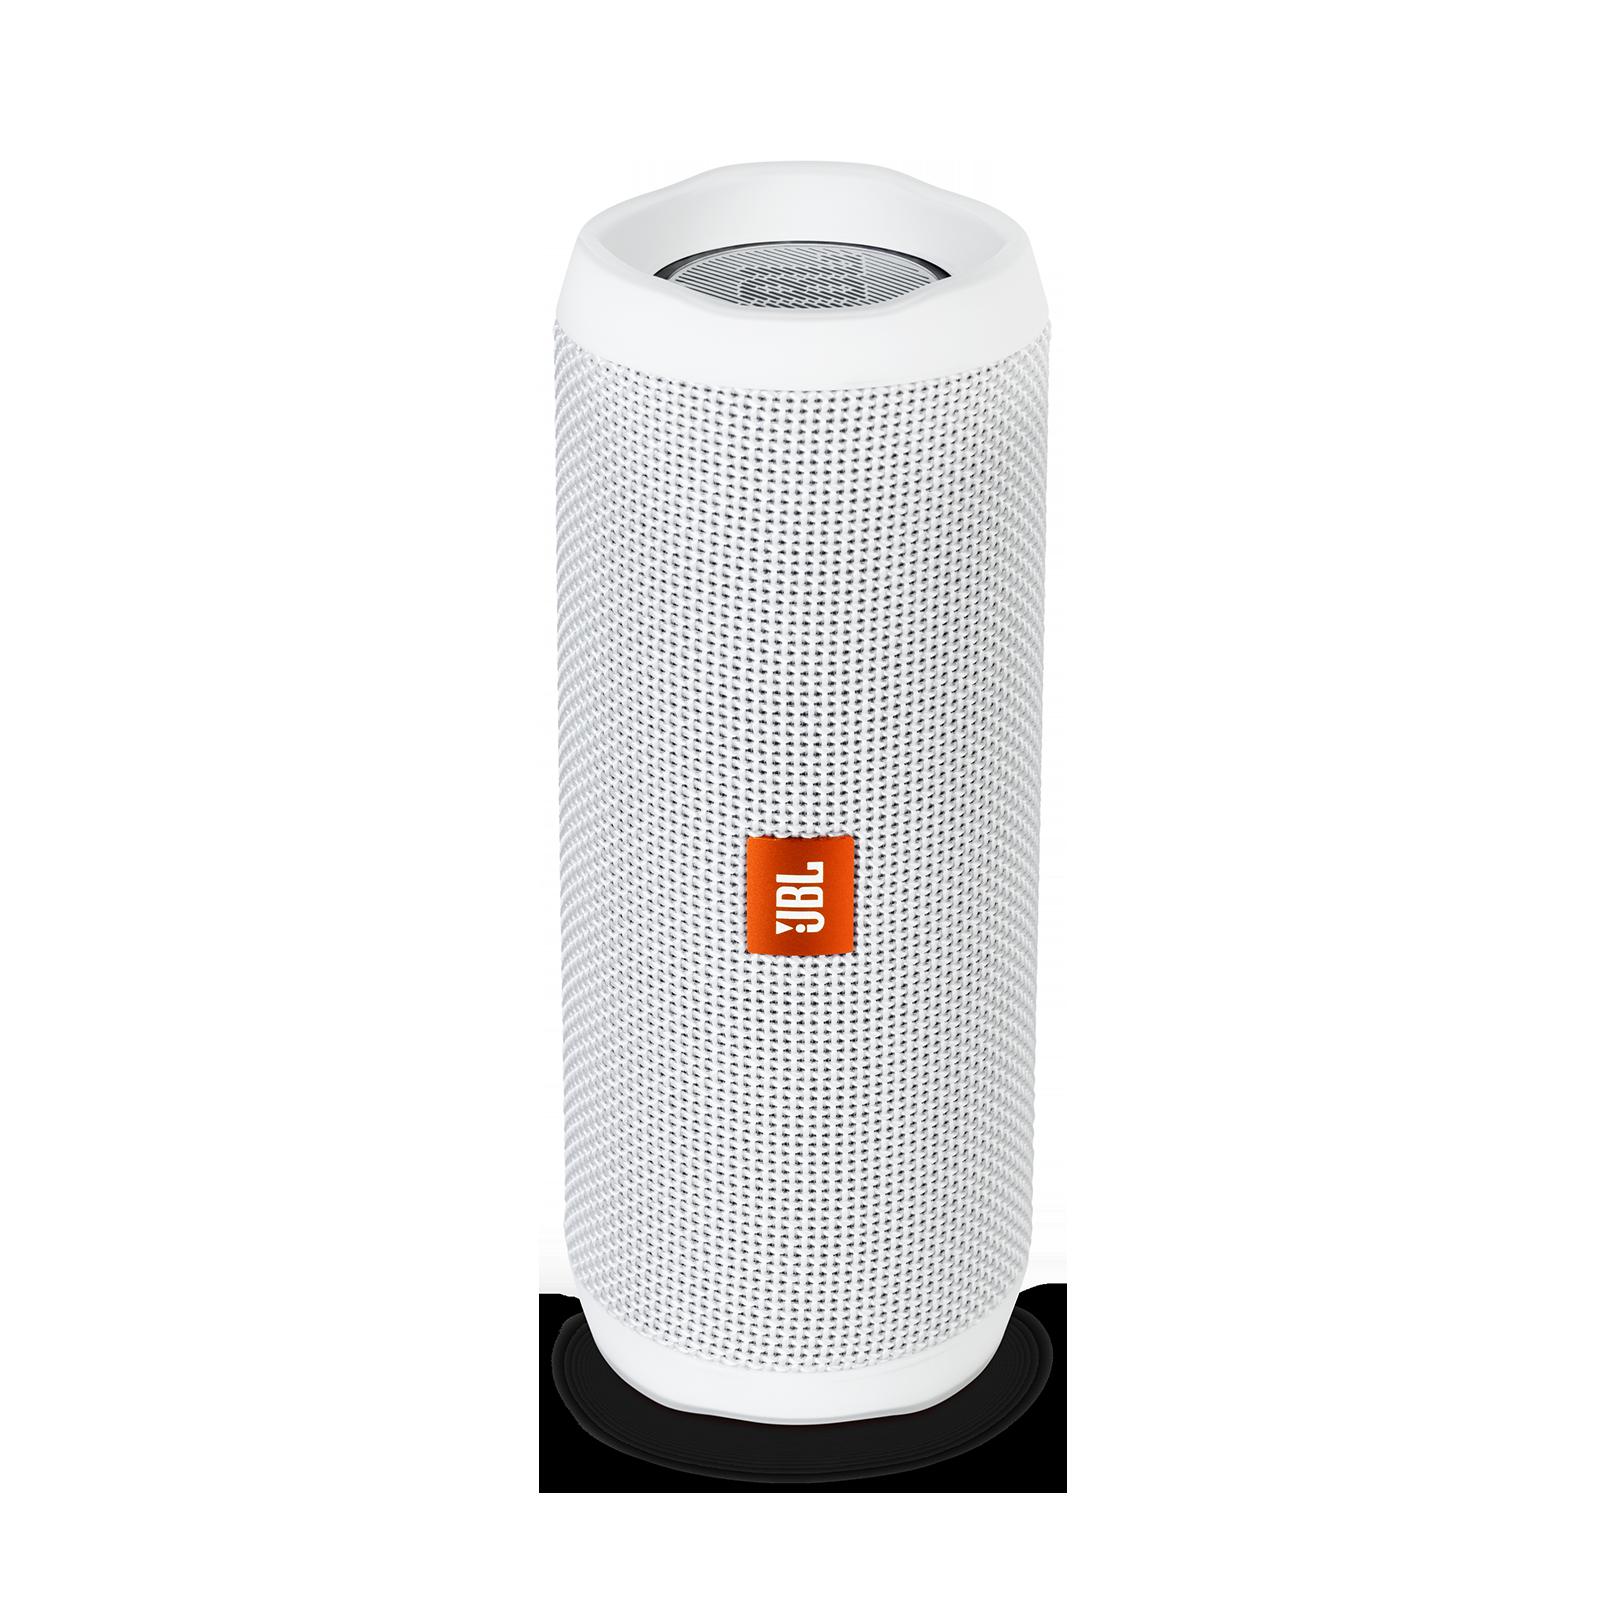 JBL Flip 4 Waterproof Wireless Bluetooth Rechargeable USB Stereo Speaker Case US